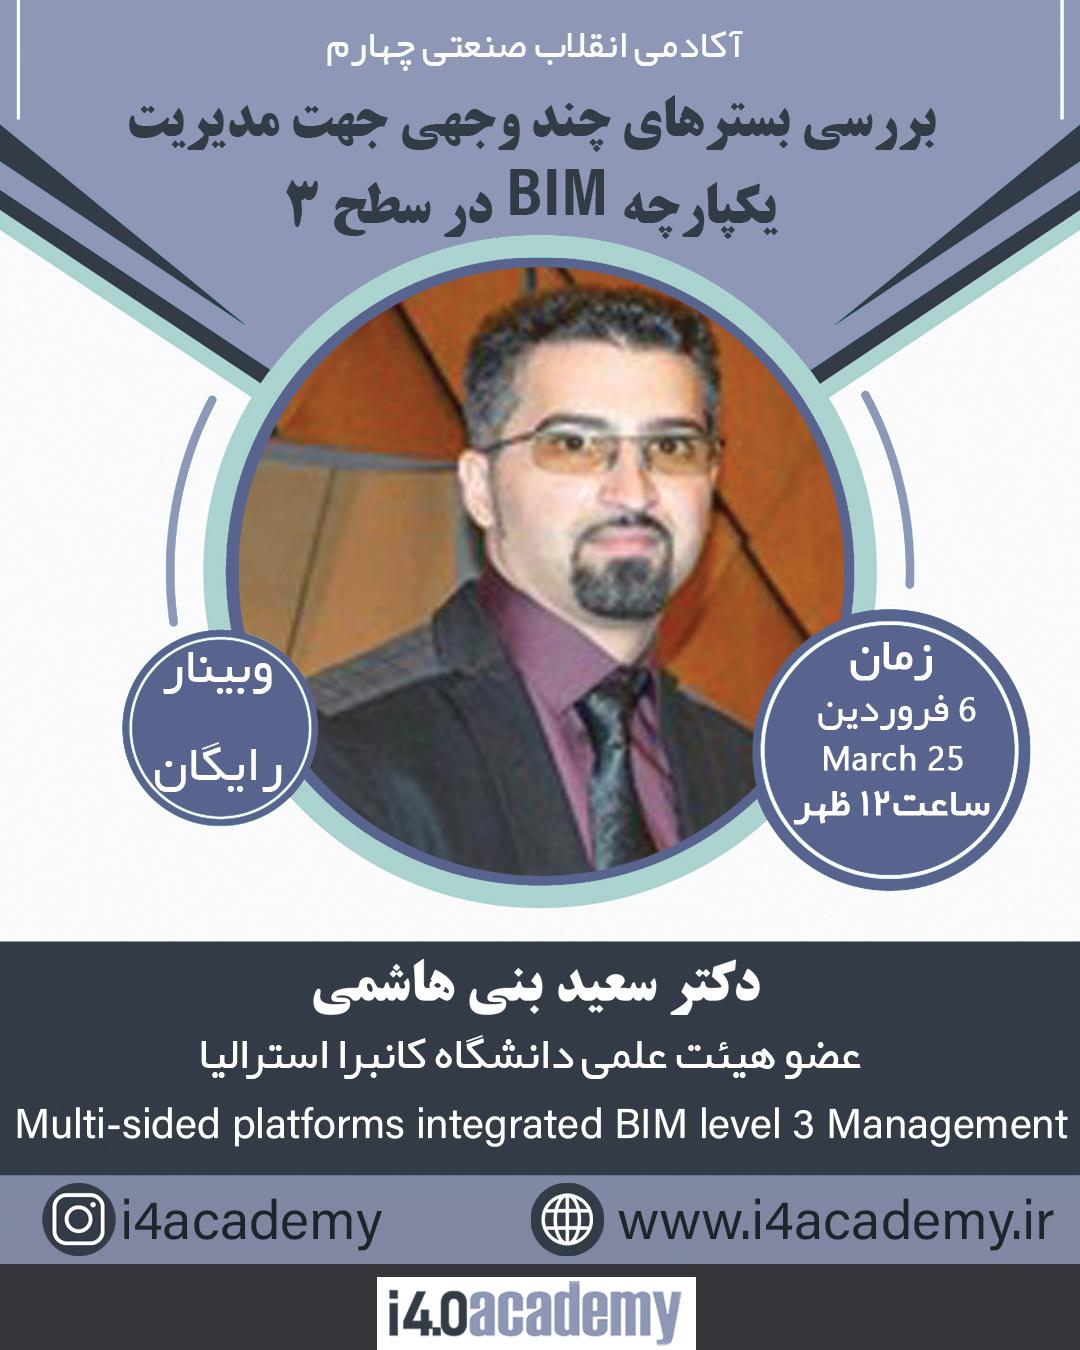 آموزش BIM